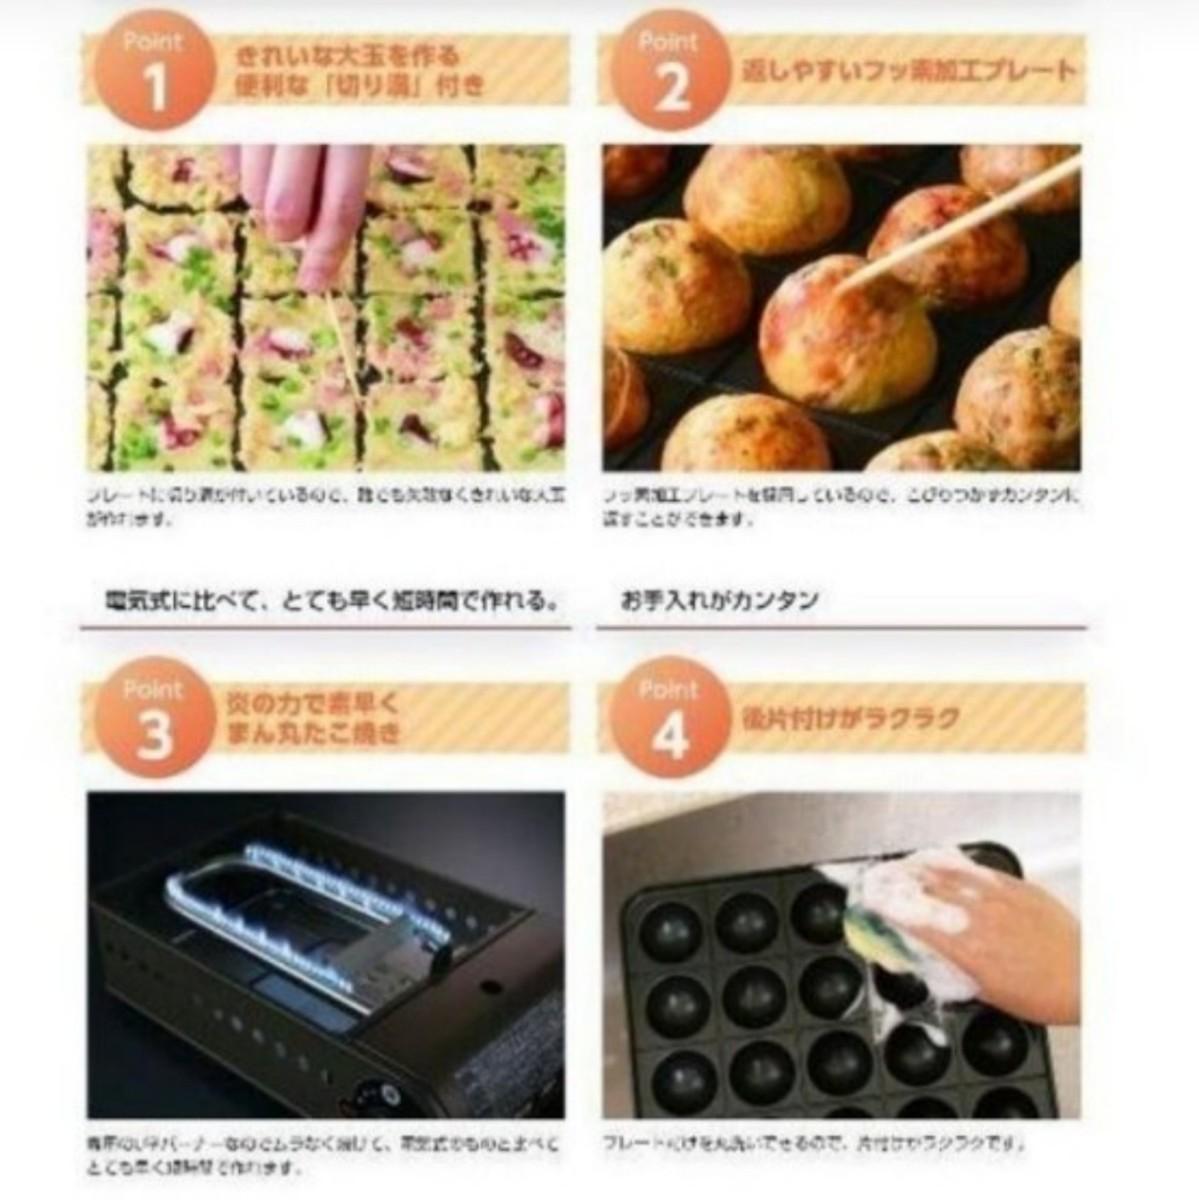 新品◆未開封 Iwatani イワタニ たこ焼器 スーパー炎たこ